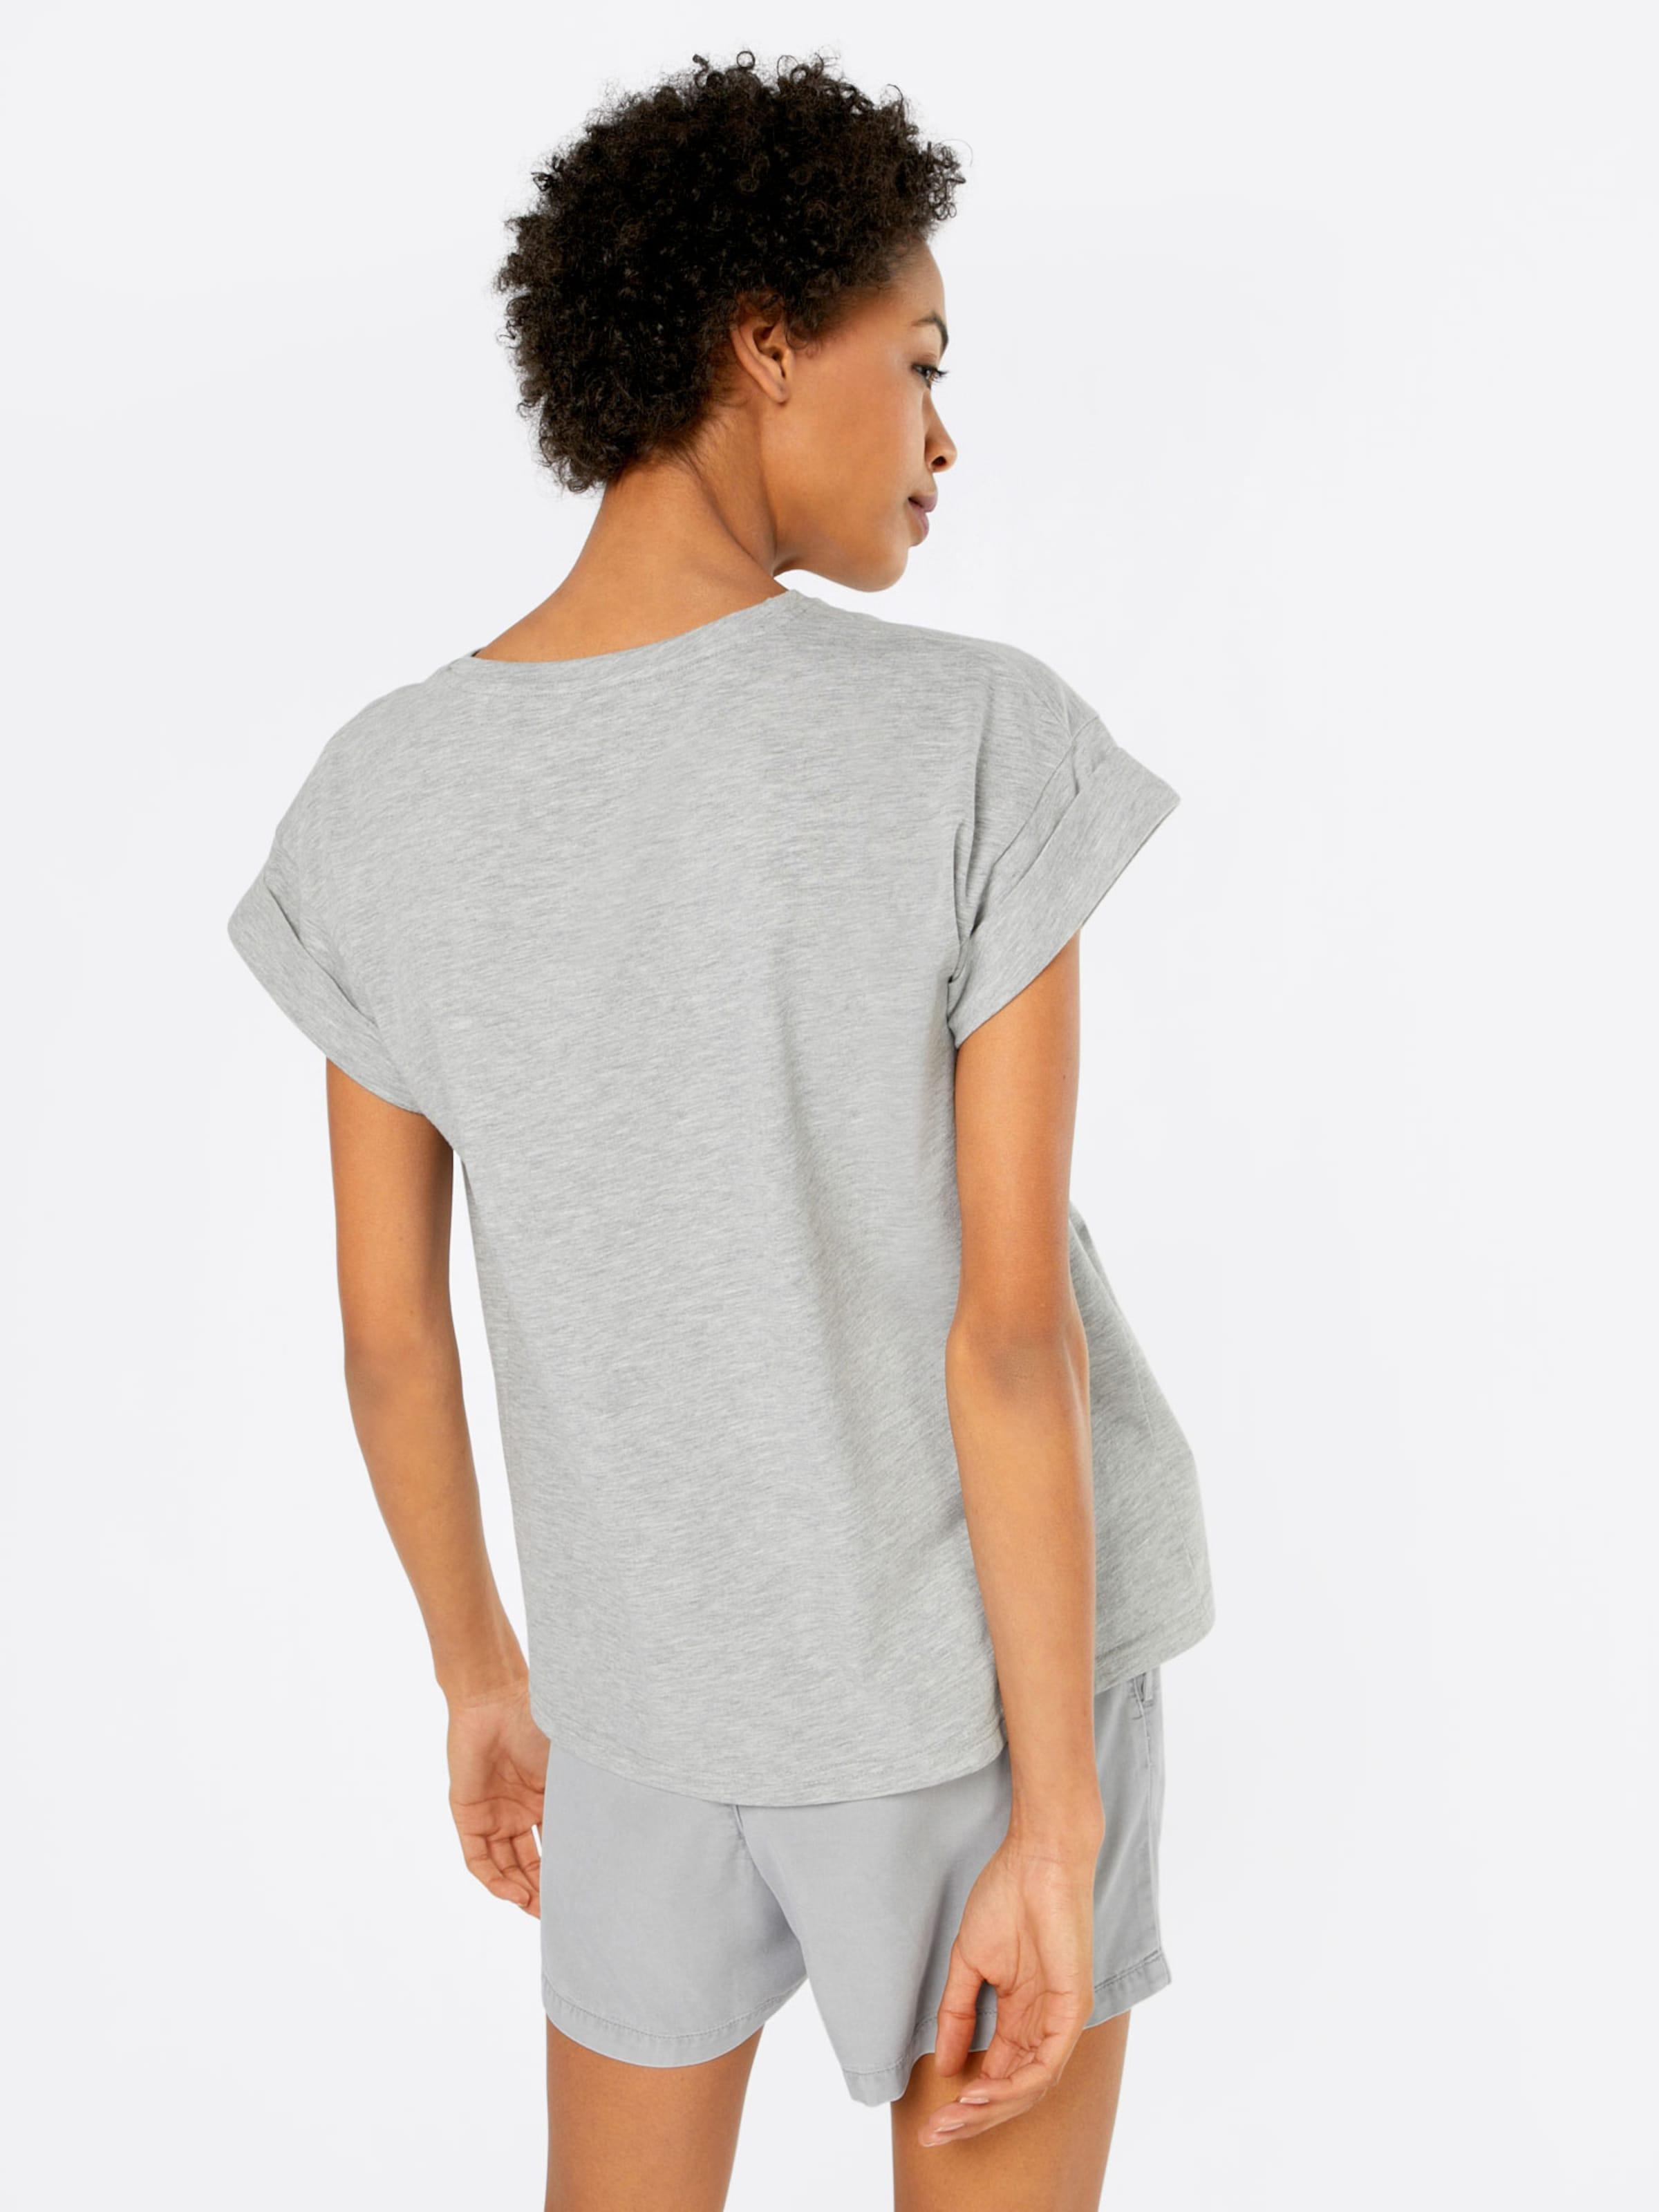 MOSS COPENHAGEN T-Shirt 'Alva' Freies Verschiffen Besuch Günstig Kaufen Offiziellen Das Beste Geschäft Zu Bekommen Billig Verkauf Vorbestellung U0fK3RI3RJ